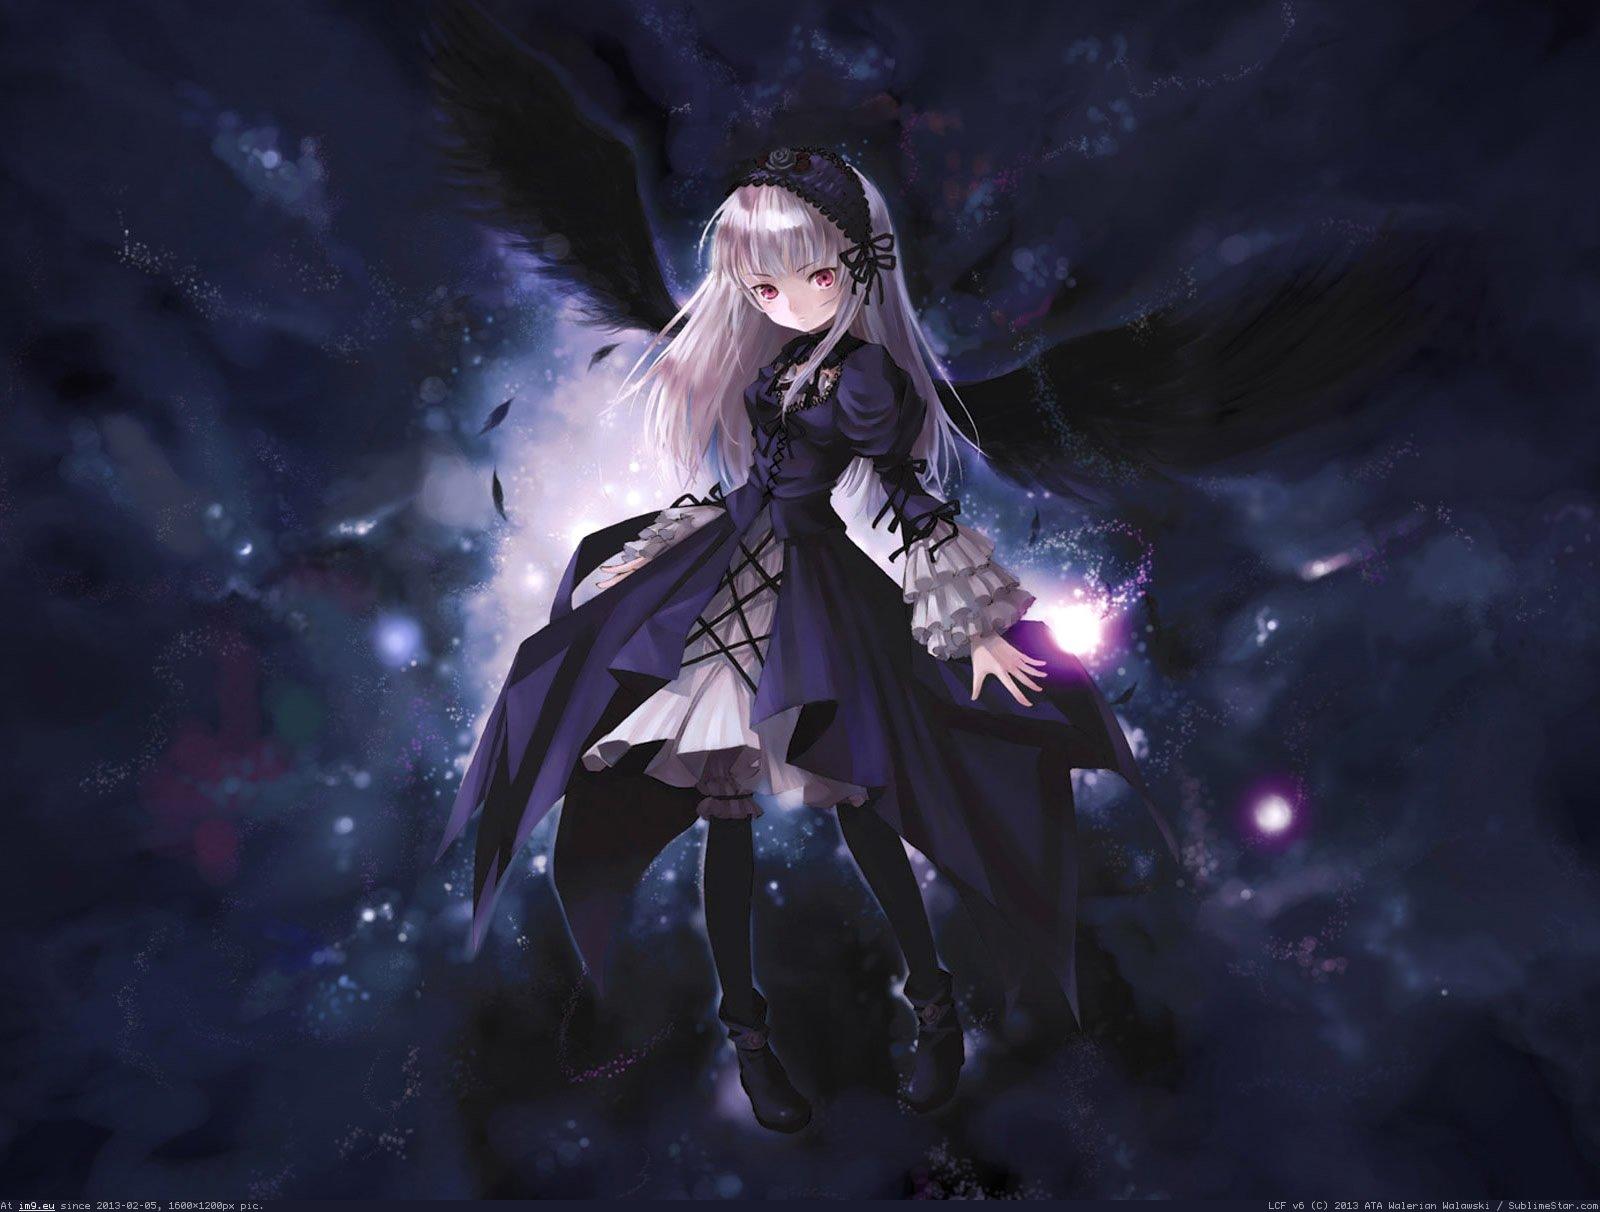 art3D backgrounds Anime Girl Wallpaper 1600X1200 0912039 HD 1600x1212